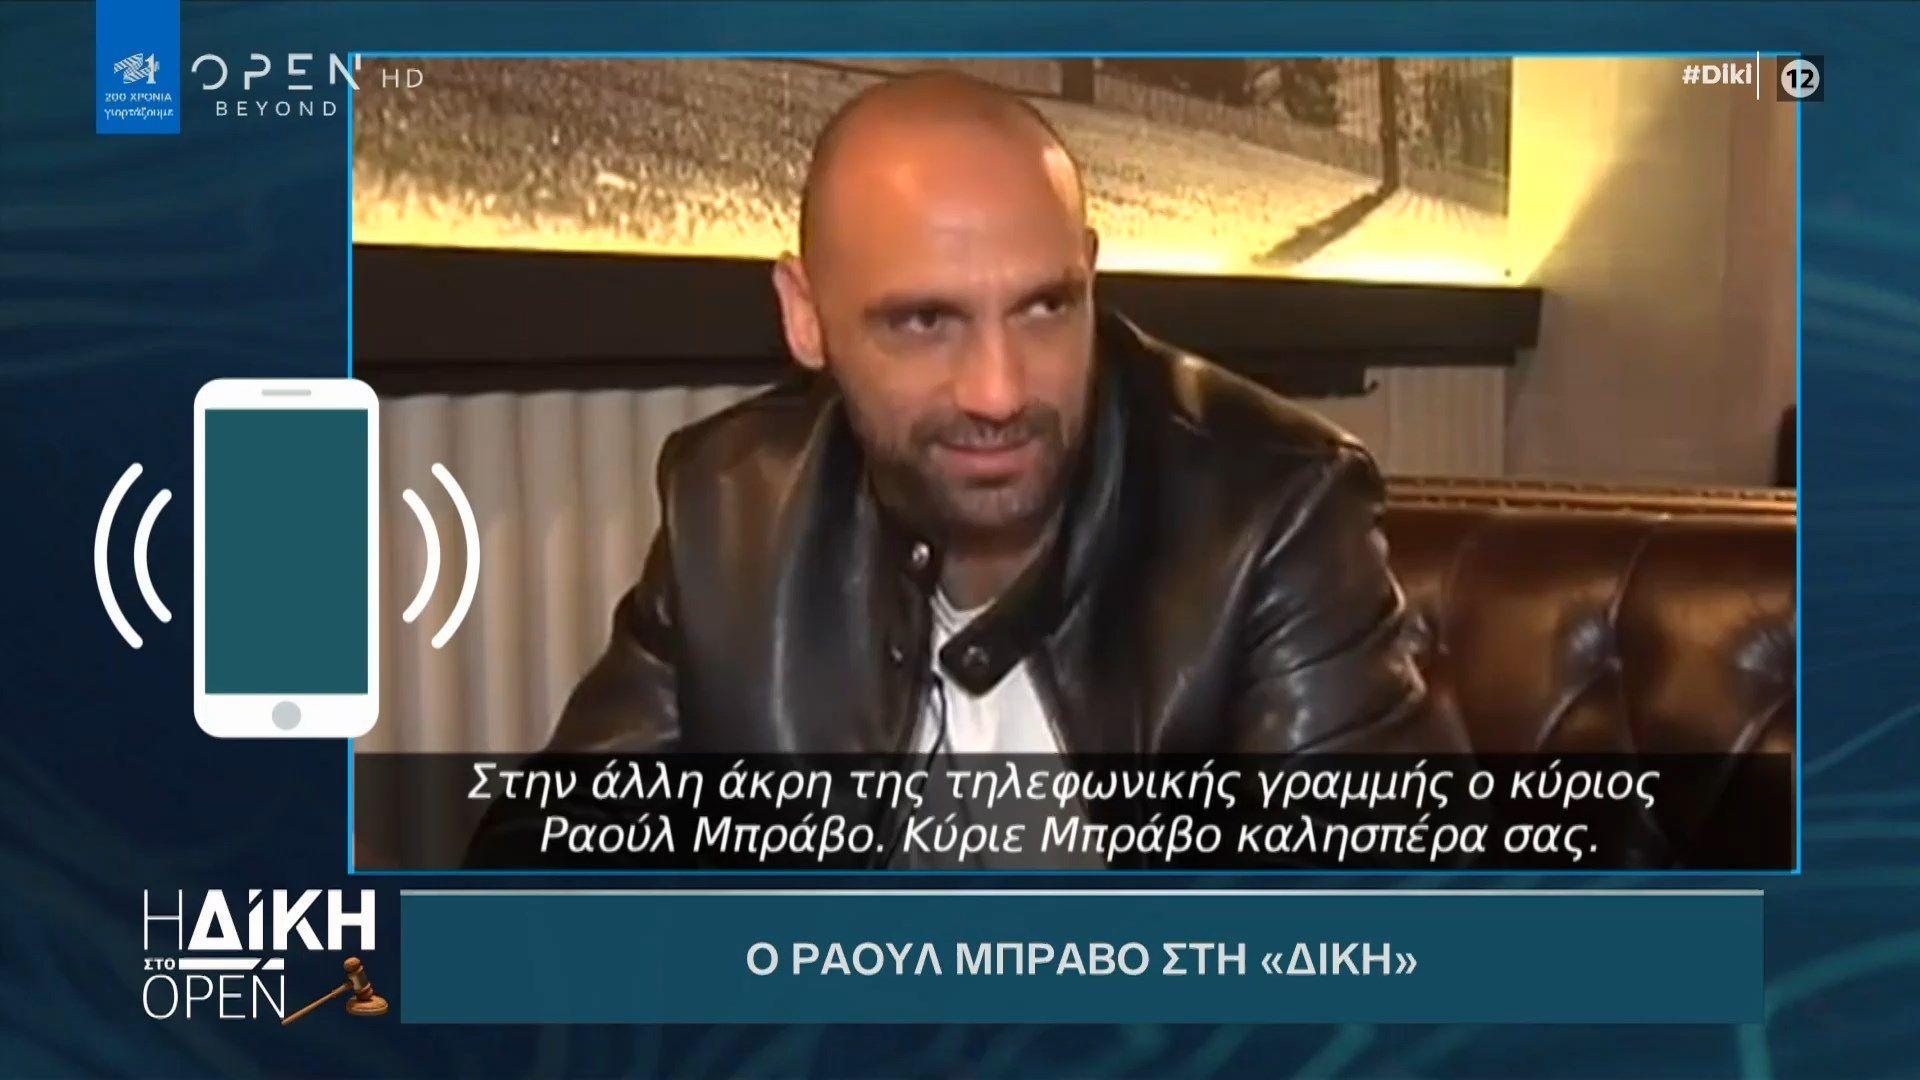 Απασφάλισε ο Ραούλ Μπράβο: «Υπήρχαν στημένα παιχνίδια στην Ελλάδα…» (+video)